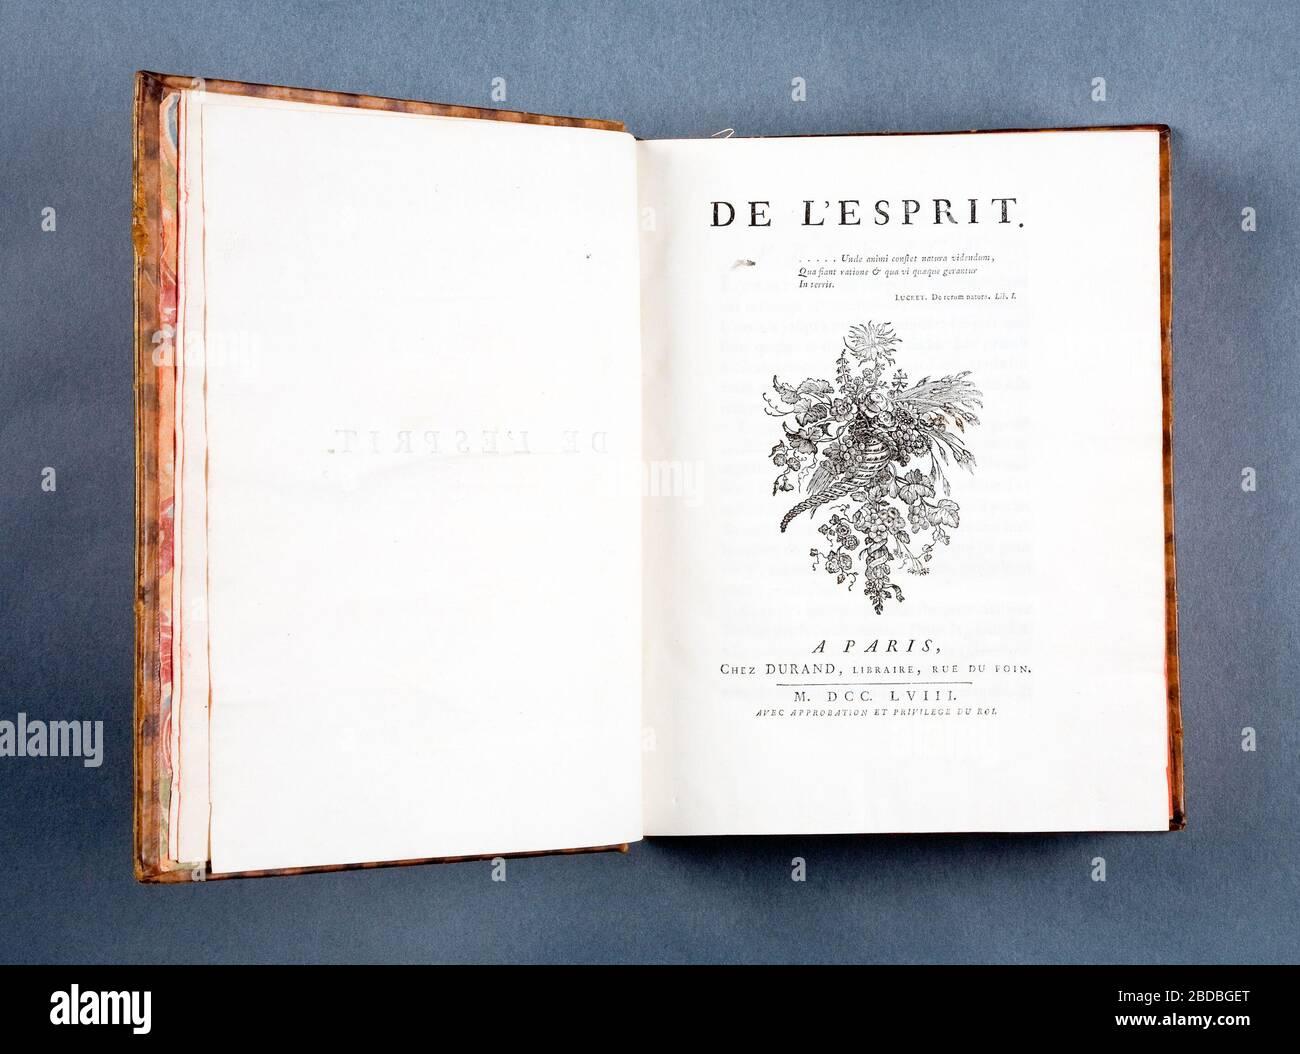 """""""De l'esprit...A Paris, chez Durand, libraire...MDCCLVIII. (Kolofon:) De l'imprimerie de Moreau, imprimeur de la Reine...; Svenska: Sprängd kalv m. guldtr. dekor rygg. Rött snitt.; 1758date QS:P571,+1758-00-00T00:00:00Z/9; LSH 86177 (sm_dig4074); """" Stock Photo"""